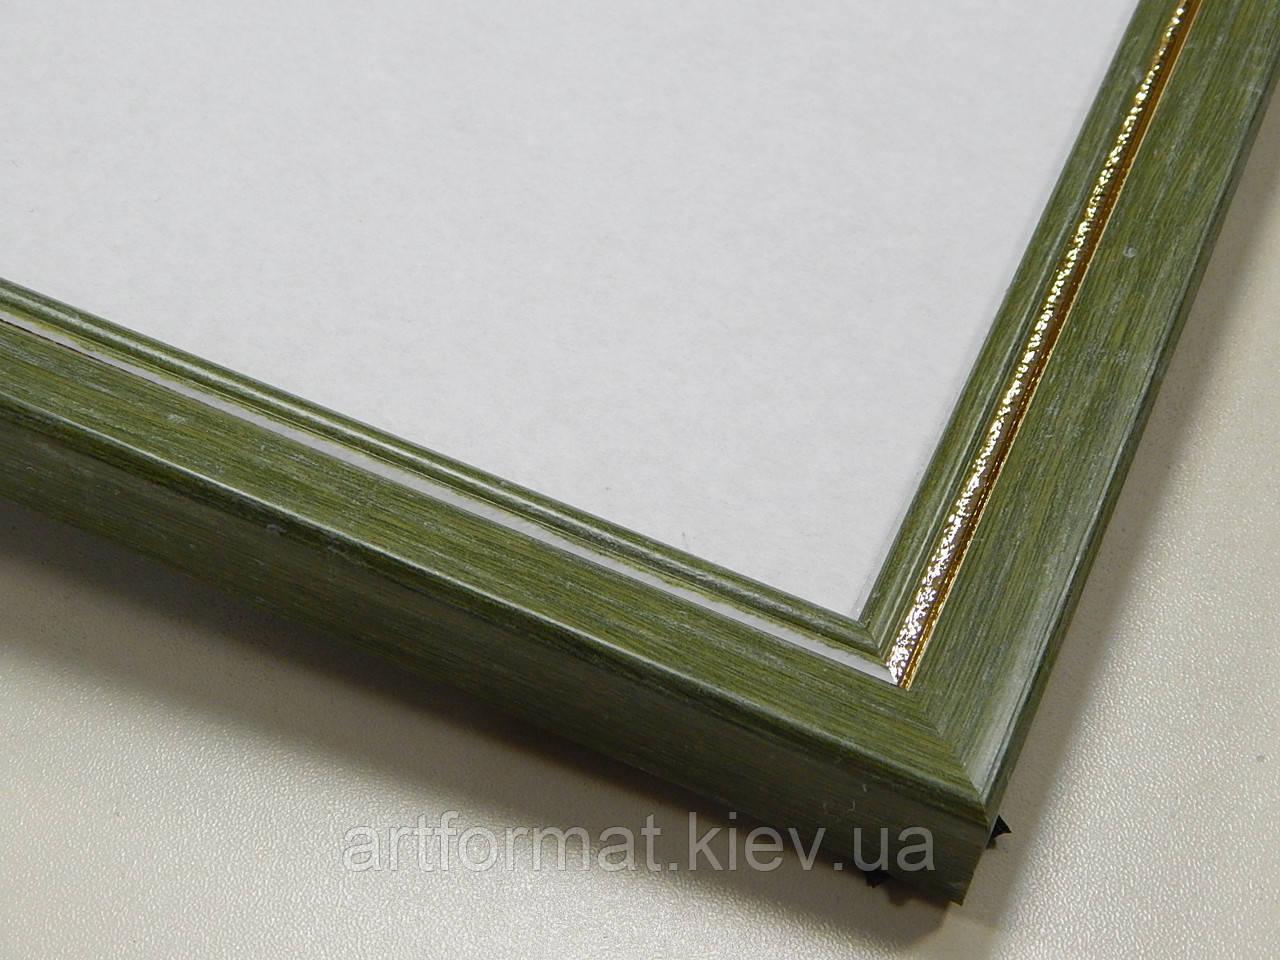 Рамка А3 (297х420).Зеленый с золотом.22 мм.